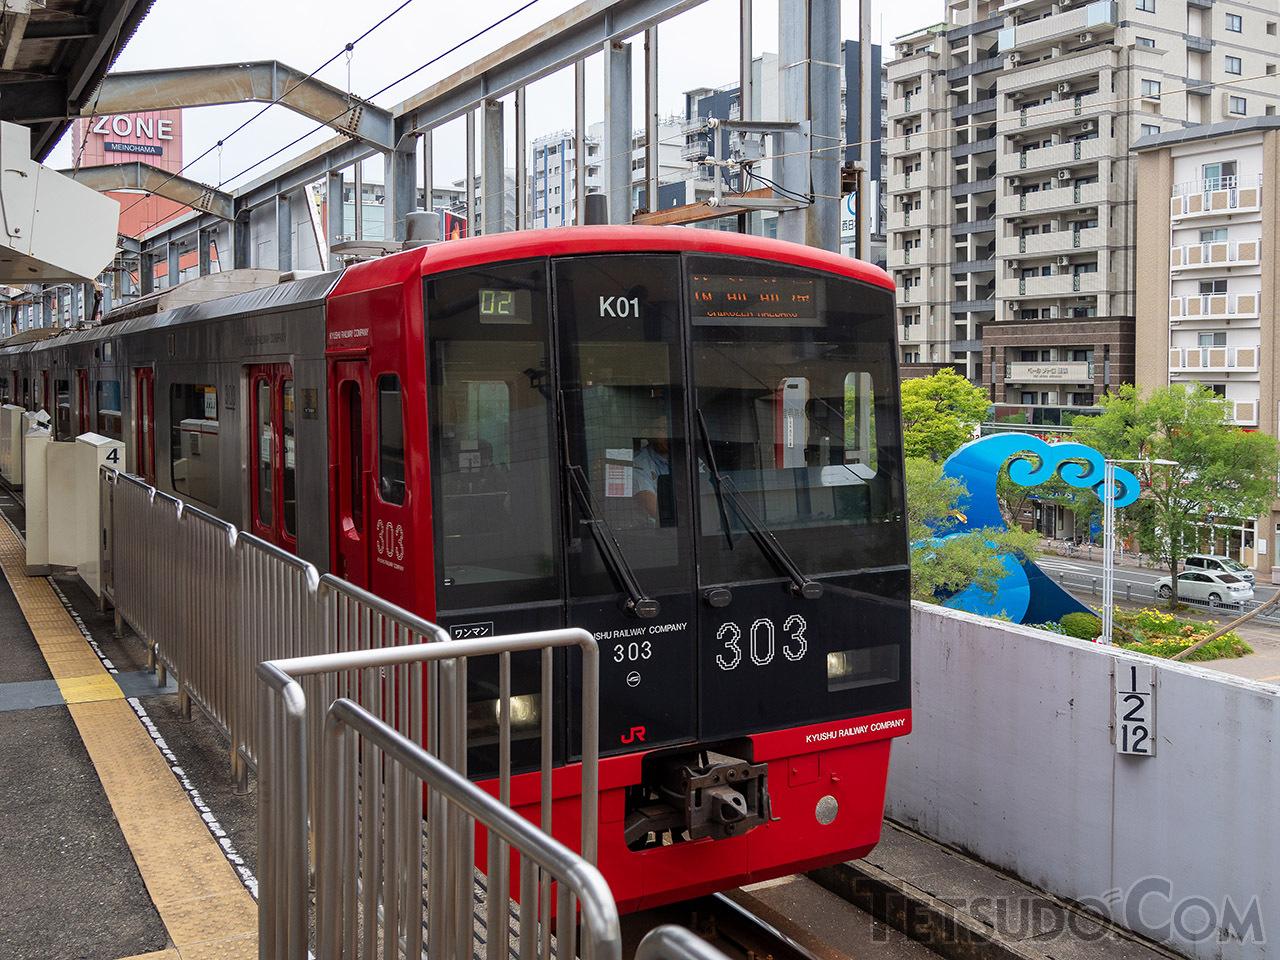 姪浜駅4番乗り場にある12.5kmの距離標(右下)。しかし、この駅は福岡空港駅から13.1km、博多駅からは9.8kmの地点にあります